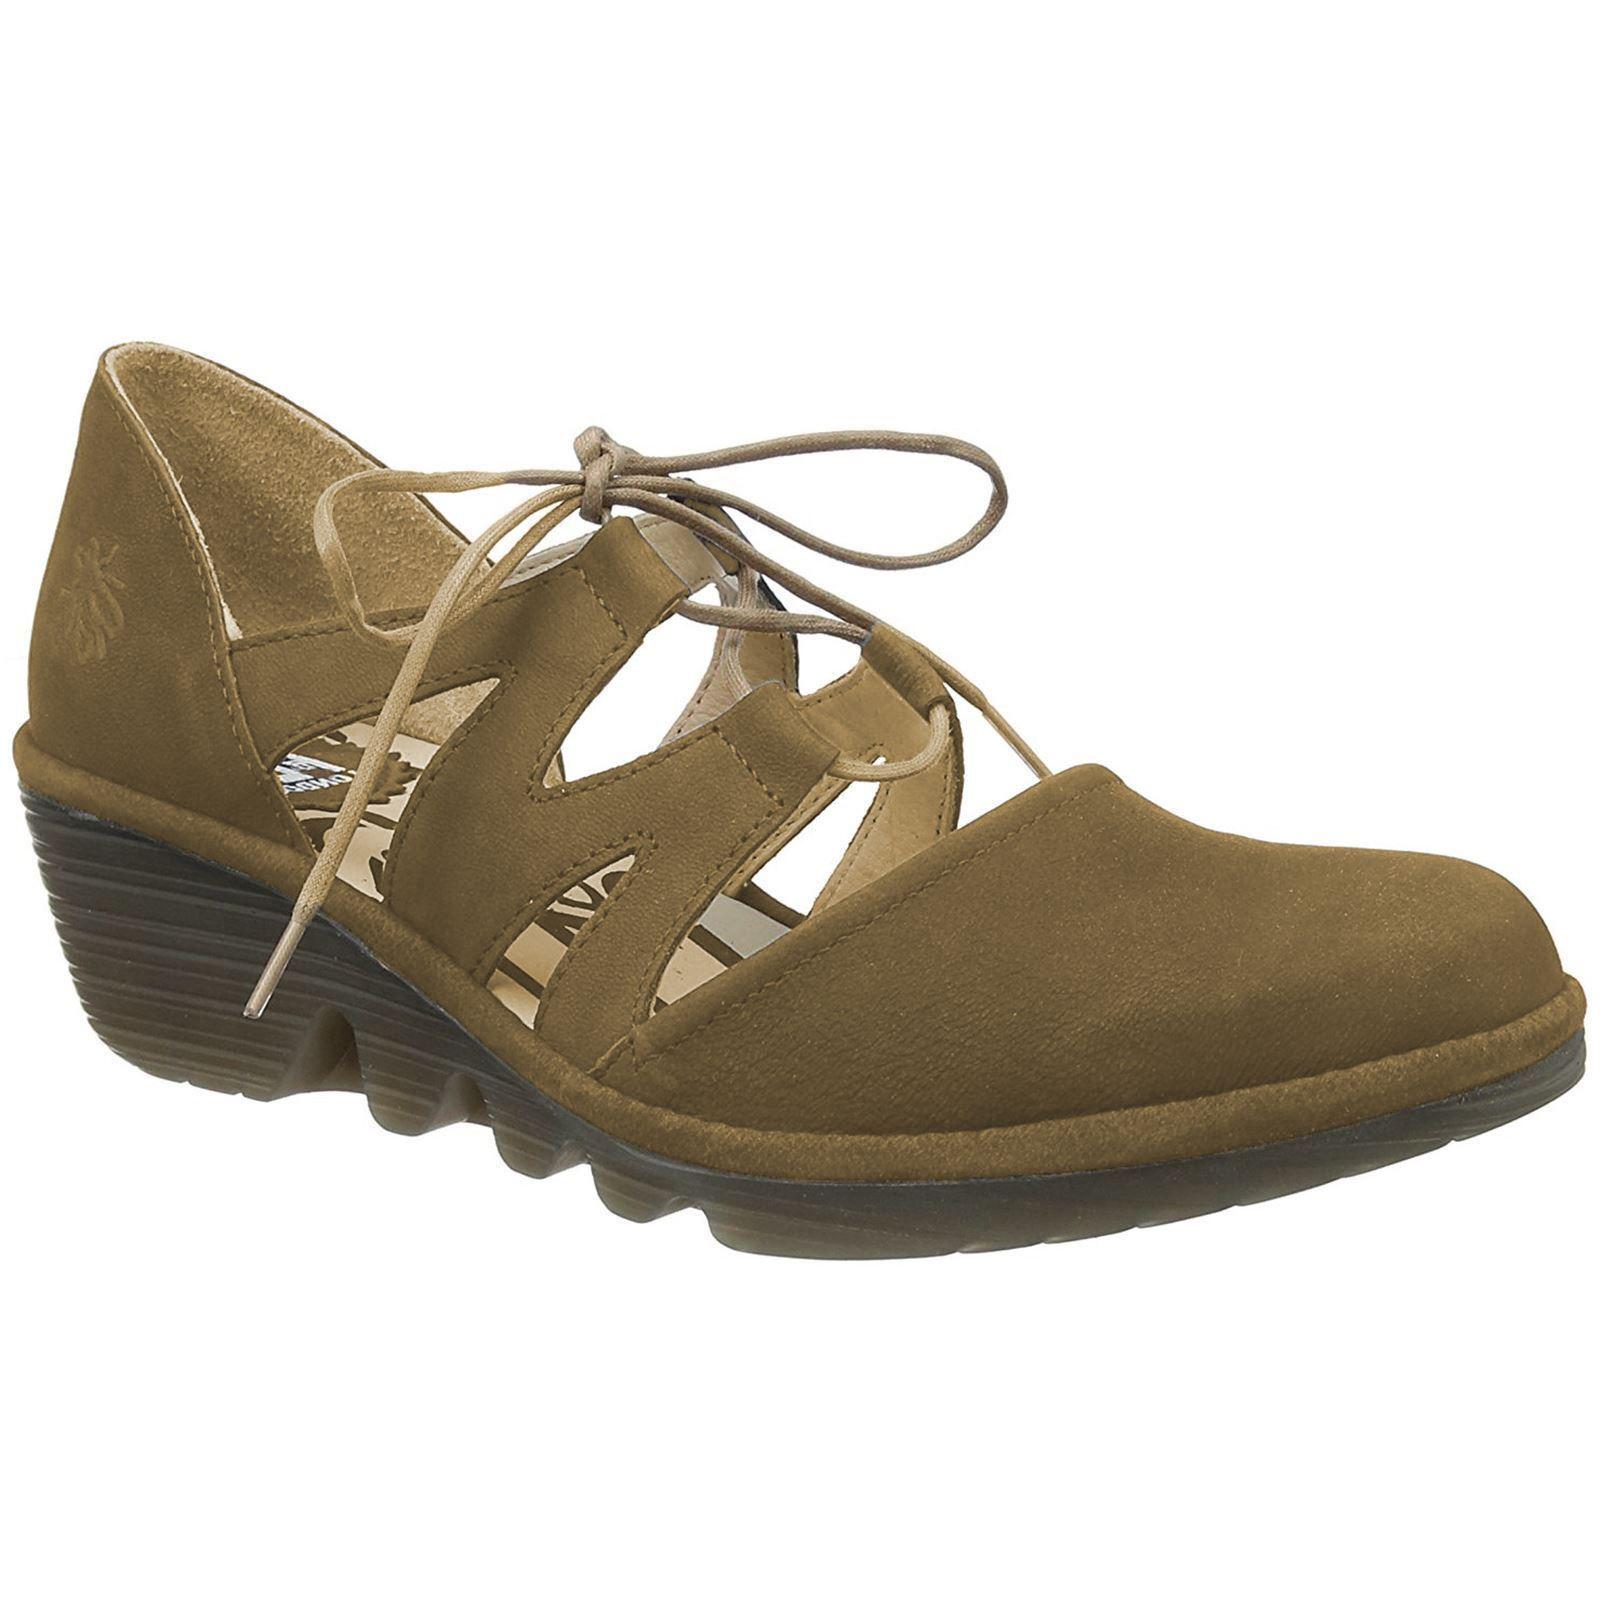 Fly London Phis 843 Sand Nubuck con Cordones para Mujer Zapatos de cuña